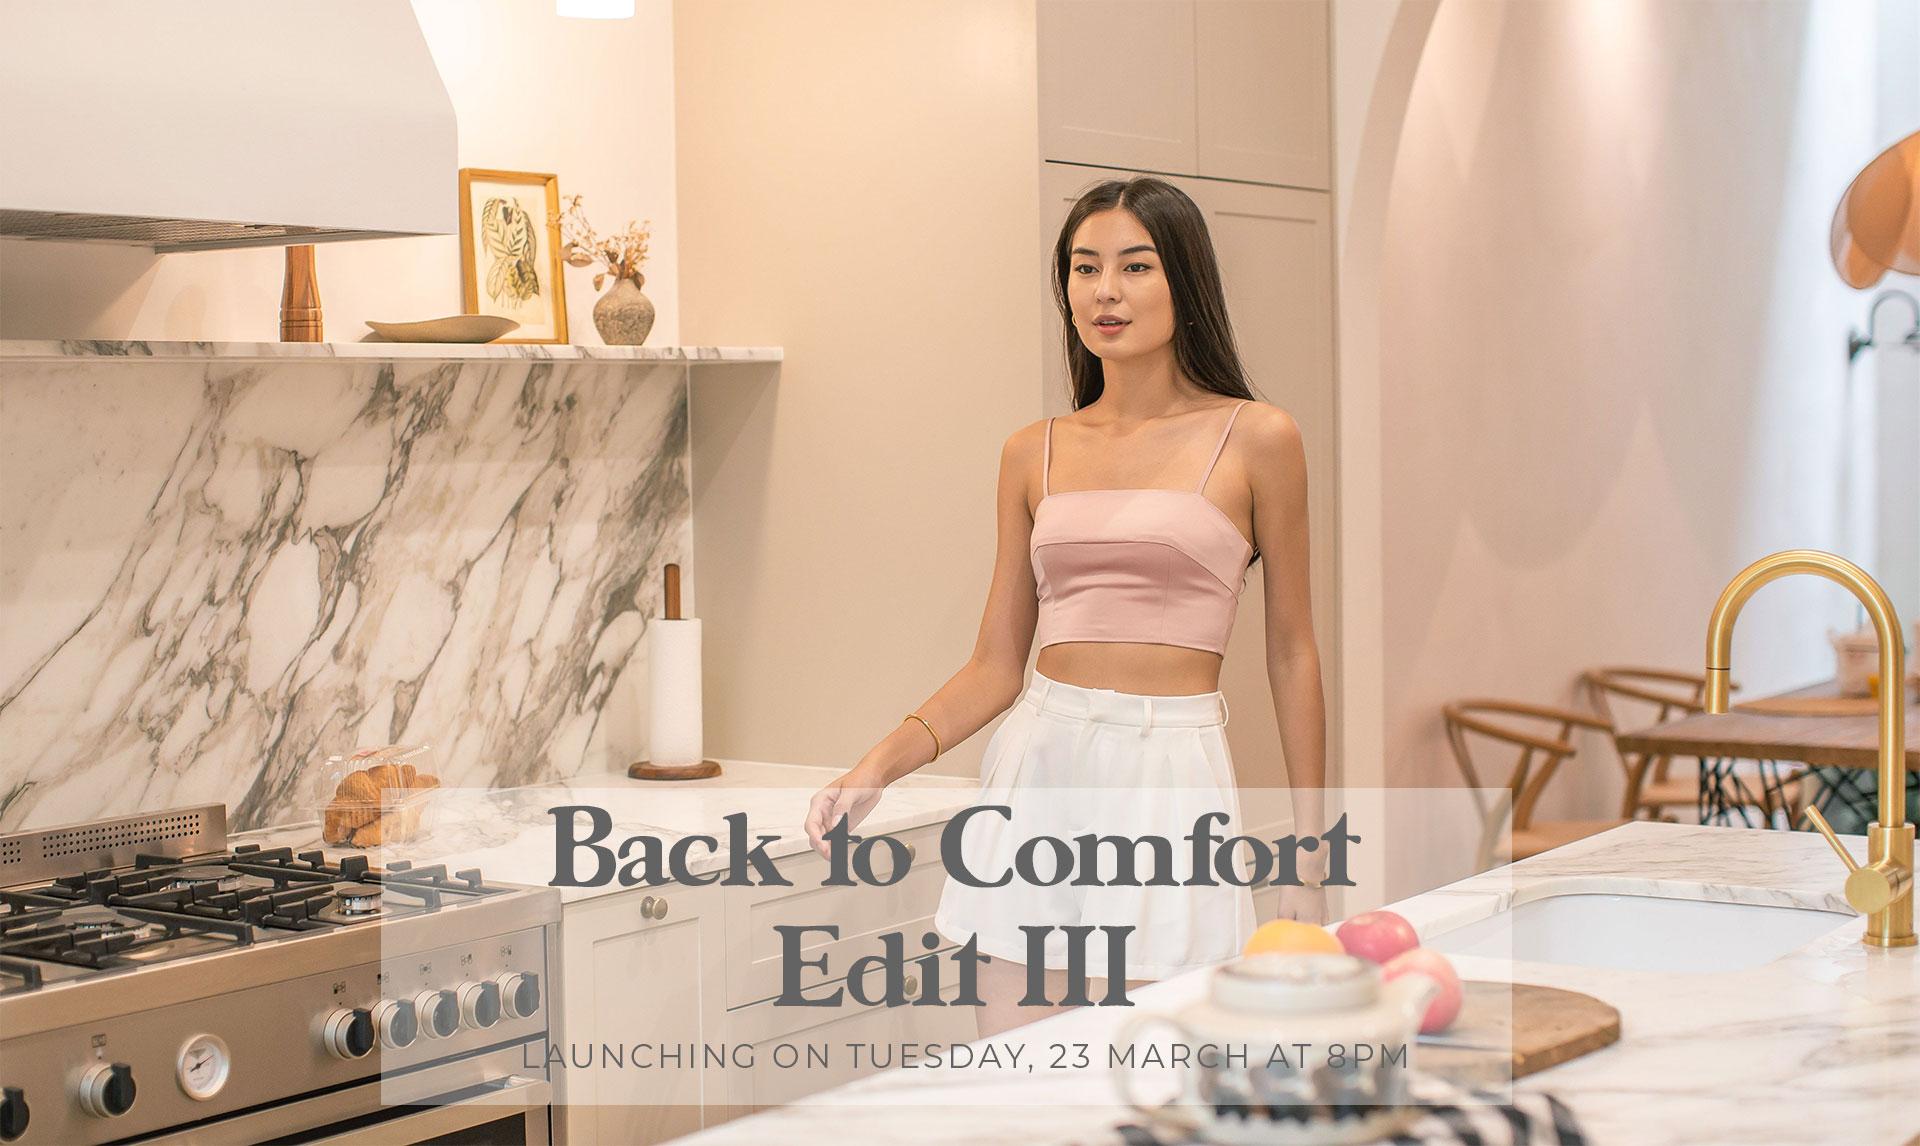 Back to Comfort: Edit III